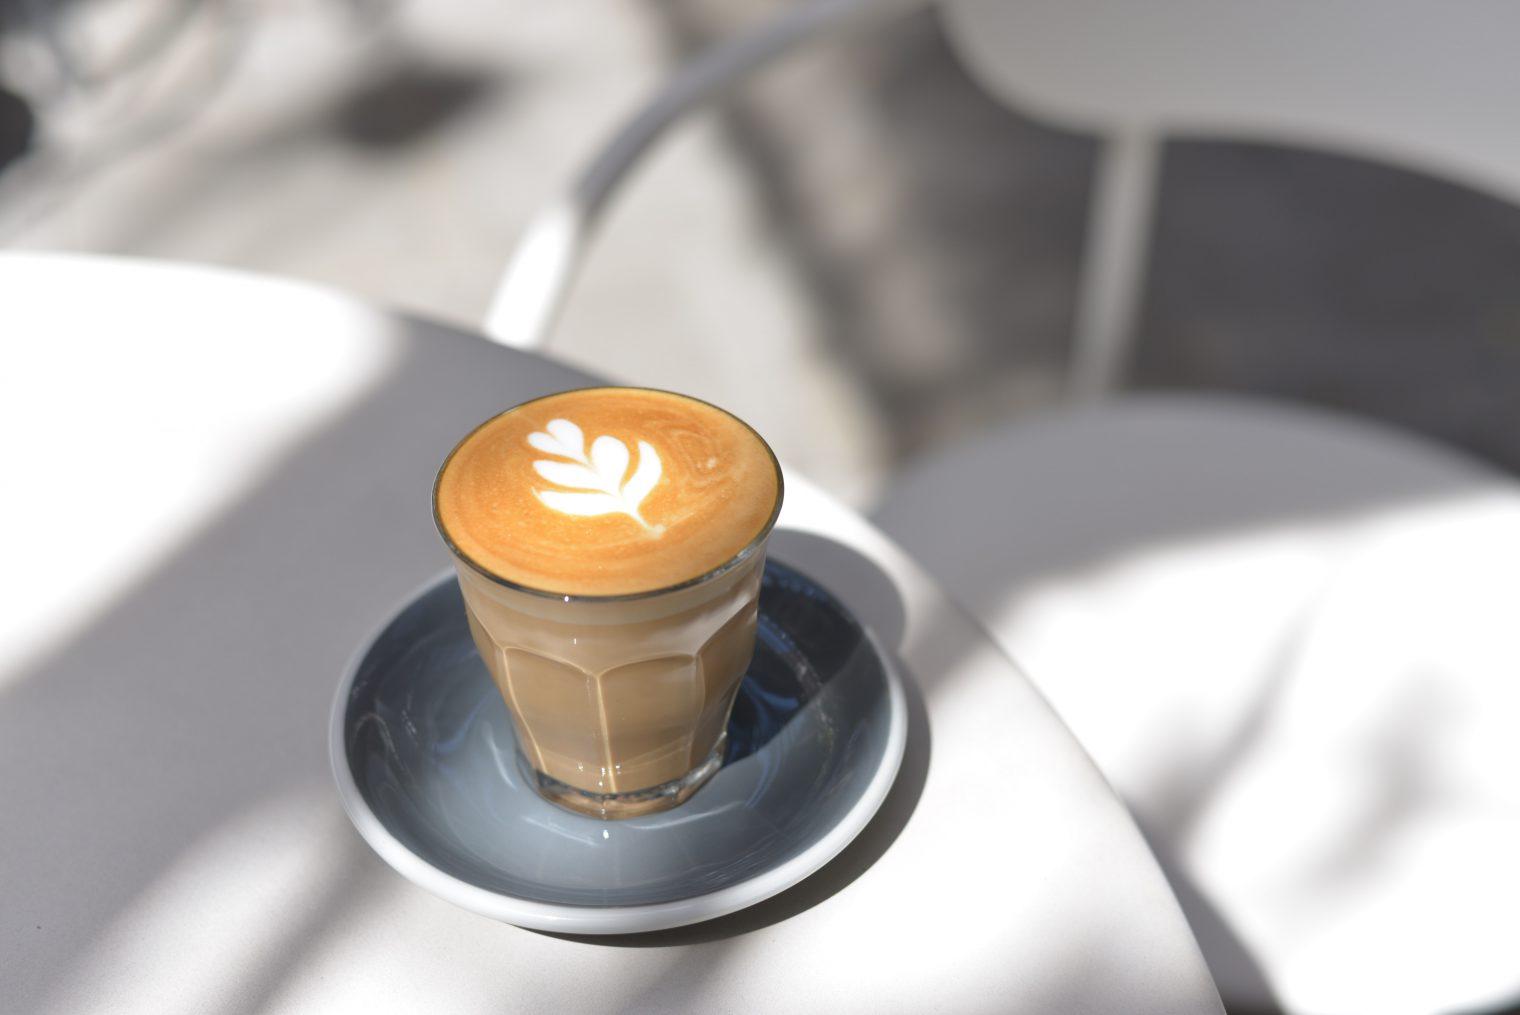 BARISTA TANFOLYAM + INGYEN MESTER BARISTA A Barista tanfolyamon elsajátíthatod a kávészakma fortélyait a kezdőtől a haladó szintig. A hagyományos olasz kávé készítéstől az újhullámos (speciality) irányvonalakat is tanítjuk a barista tanfolyamon.